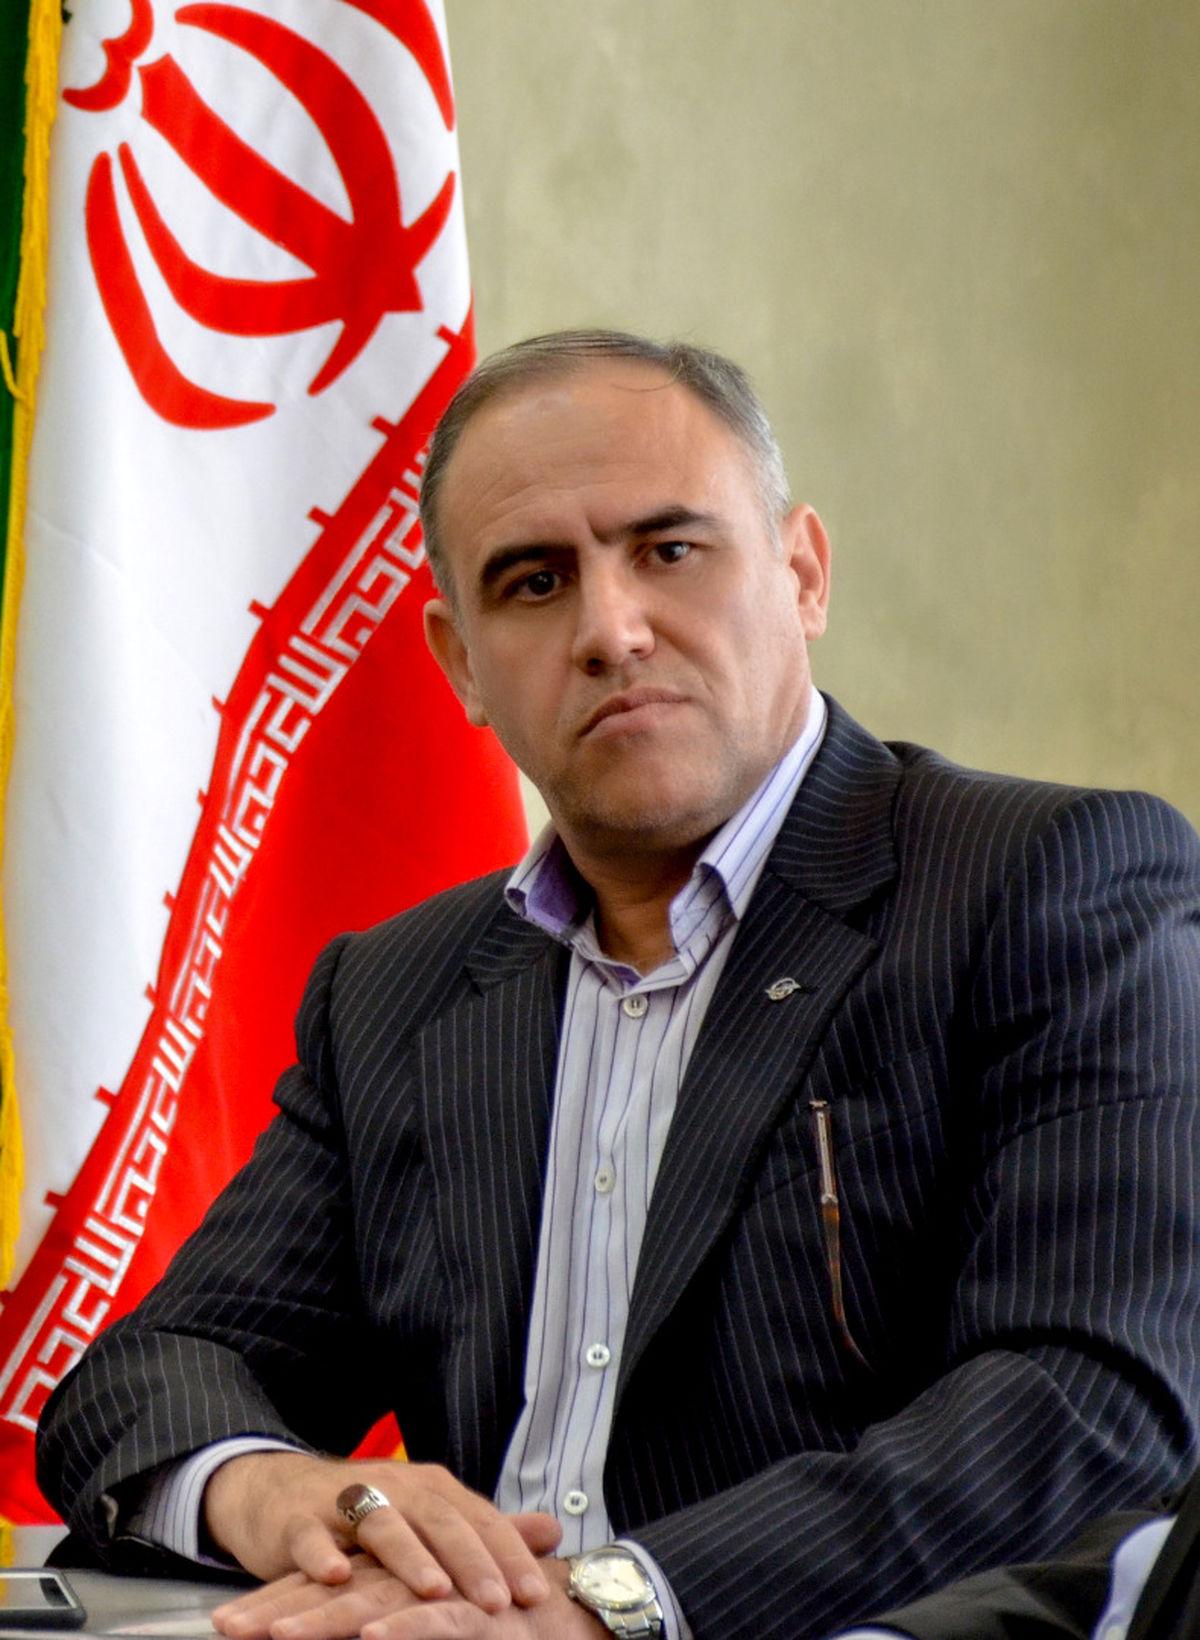 اجرای تعهدات شرکت هواپیمایی ایران در فرودگاه آیت اله جمی